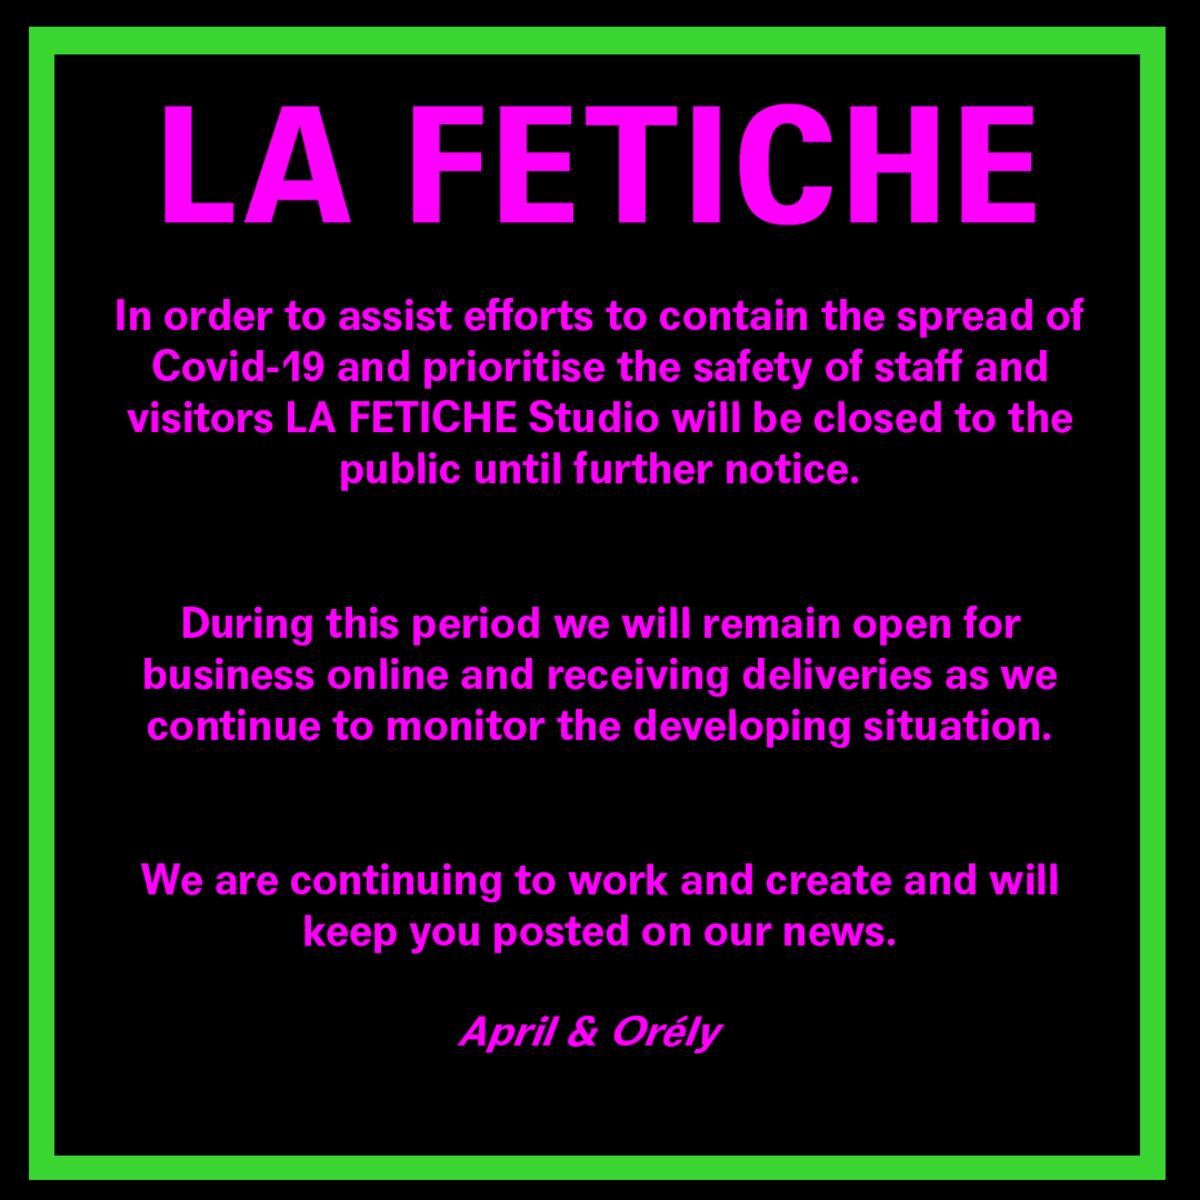 LA FETICHE COVID-19 UPDATE